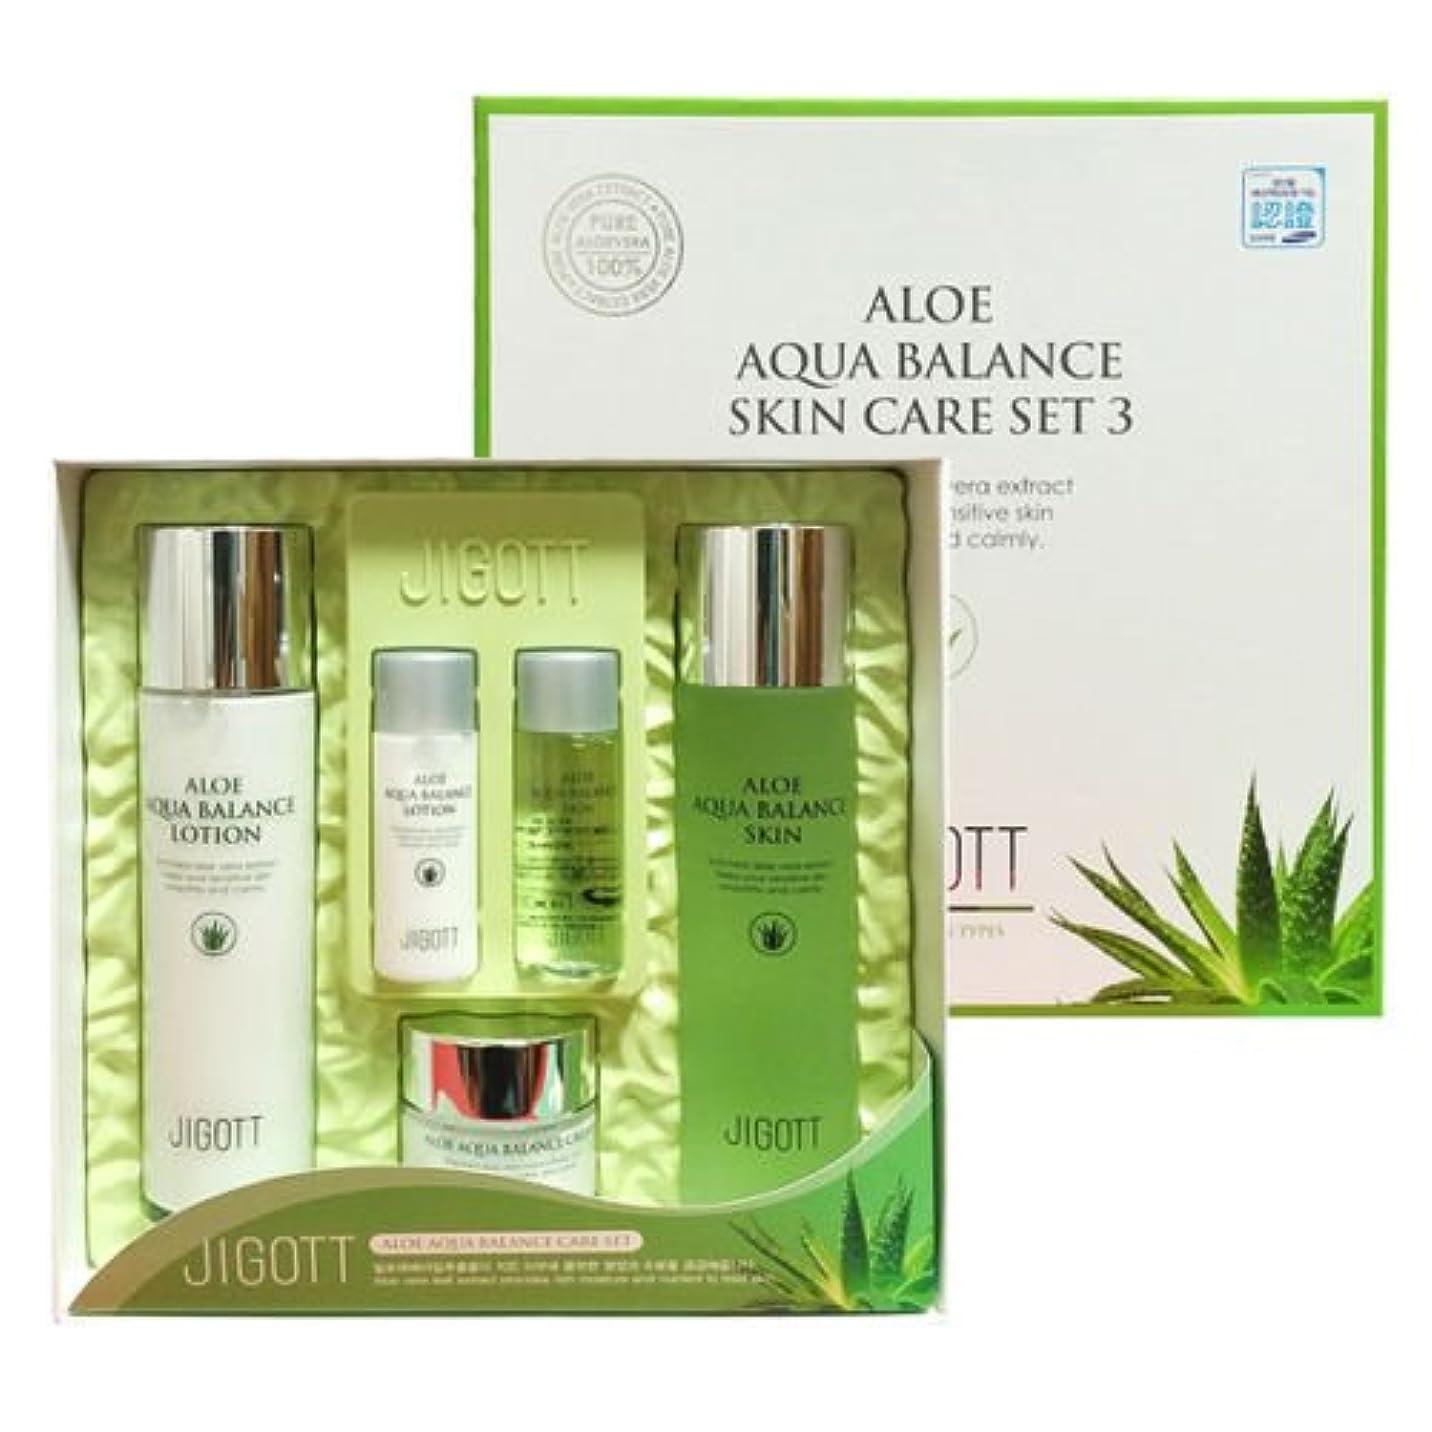 調査について適合しましたジゴトゥ[韓国コスメJigott]Aloe Aqua Balance Skin Care 3 Set アロエアクアバランススキンケア3セット樹液,乳液,クリーム [並行輸入品]